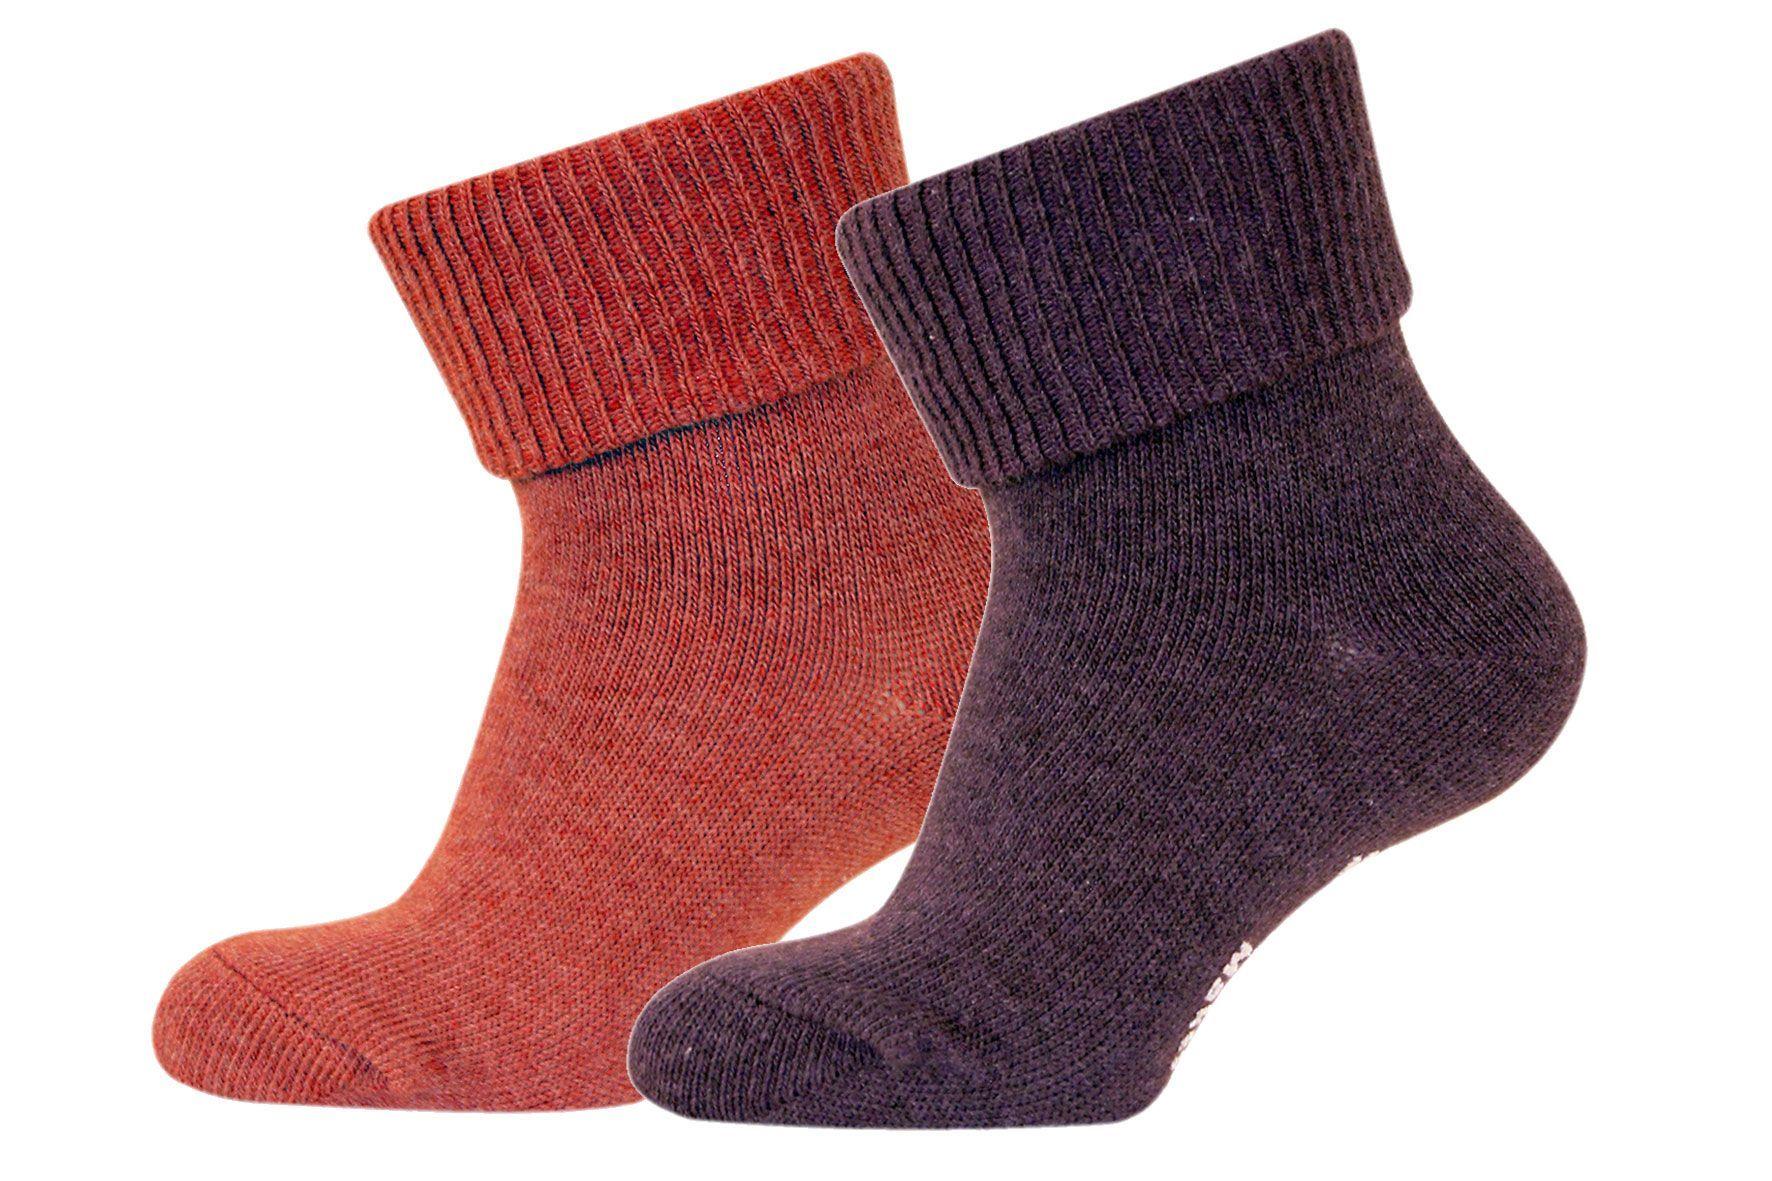 Strømper fra Melton - ABS - Rød / lilla melange (2 par)